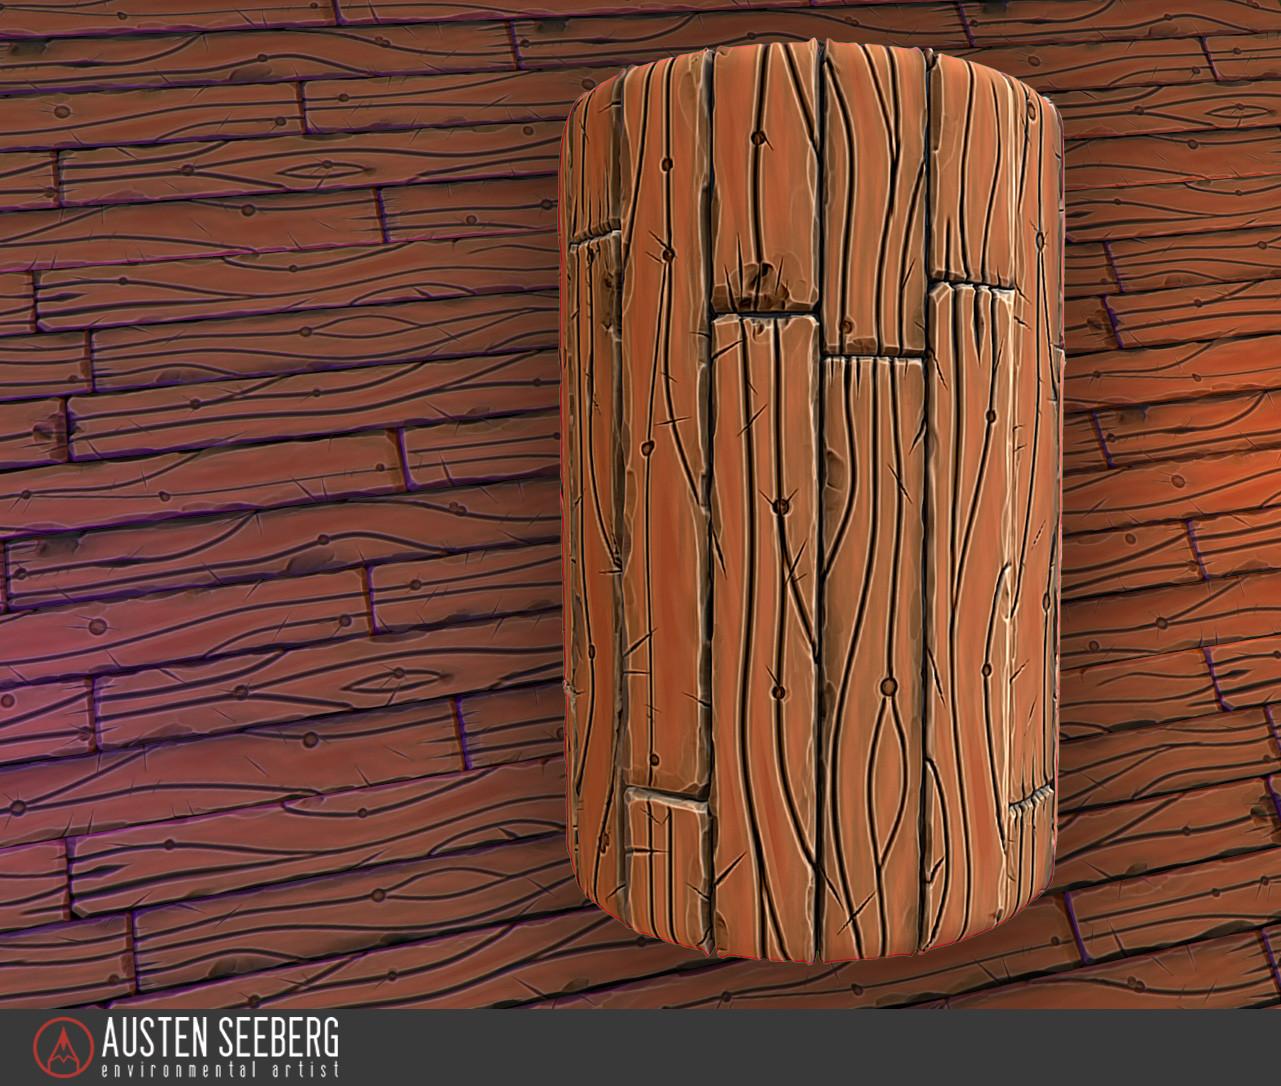 Austen seeberg woodpanel01